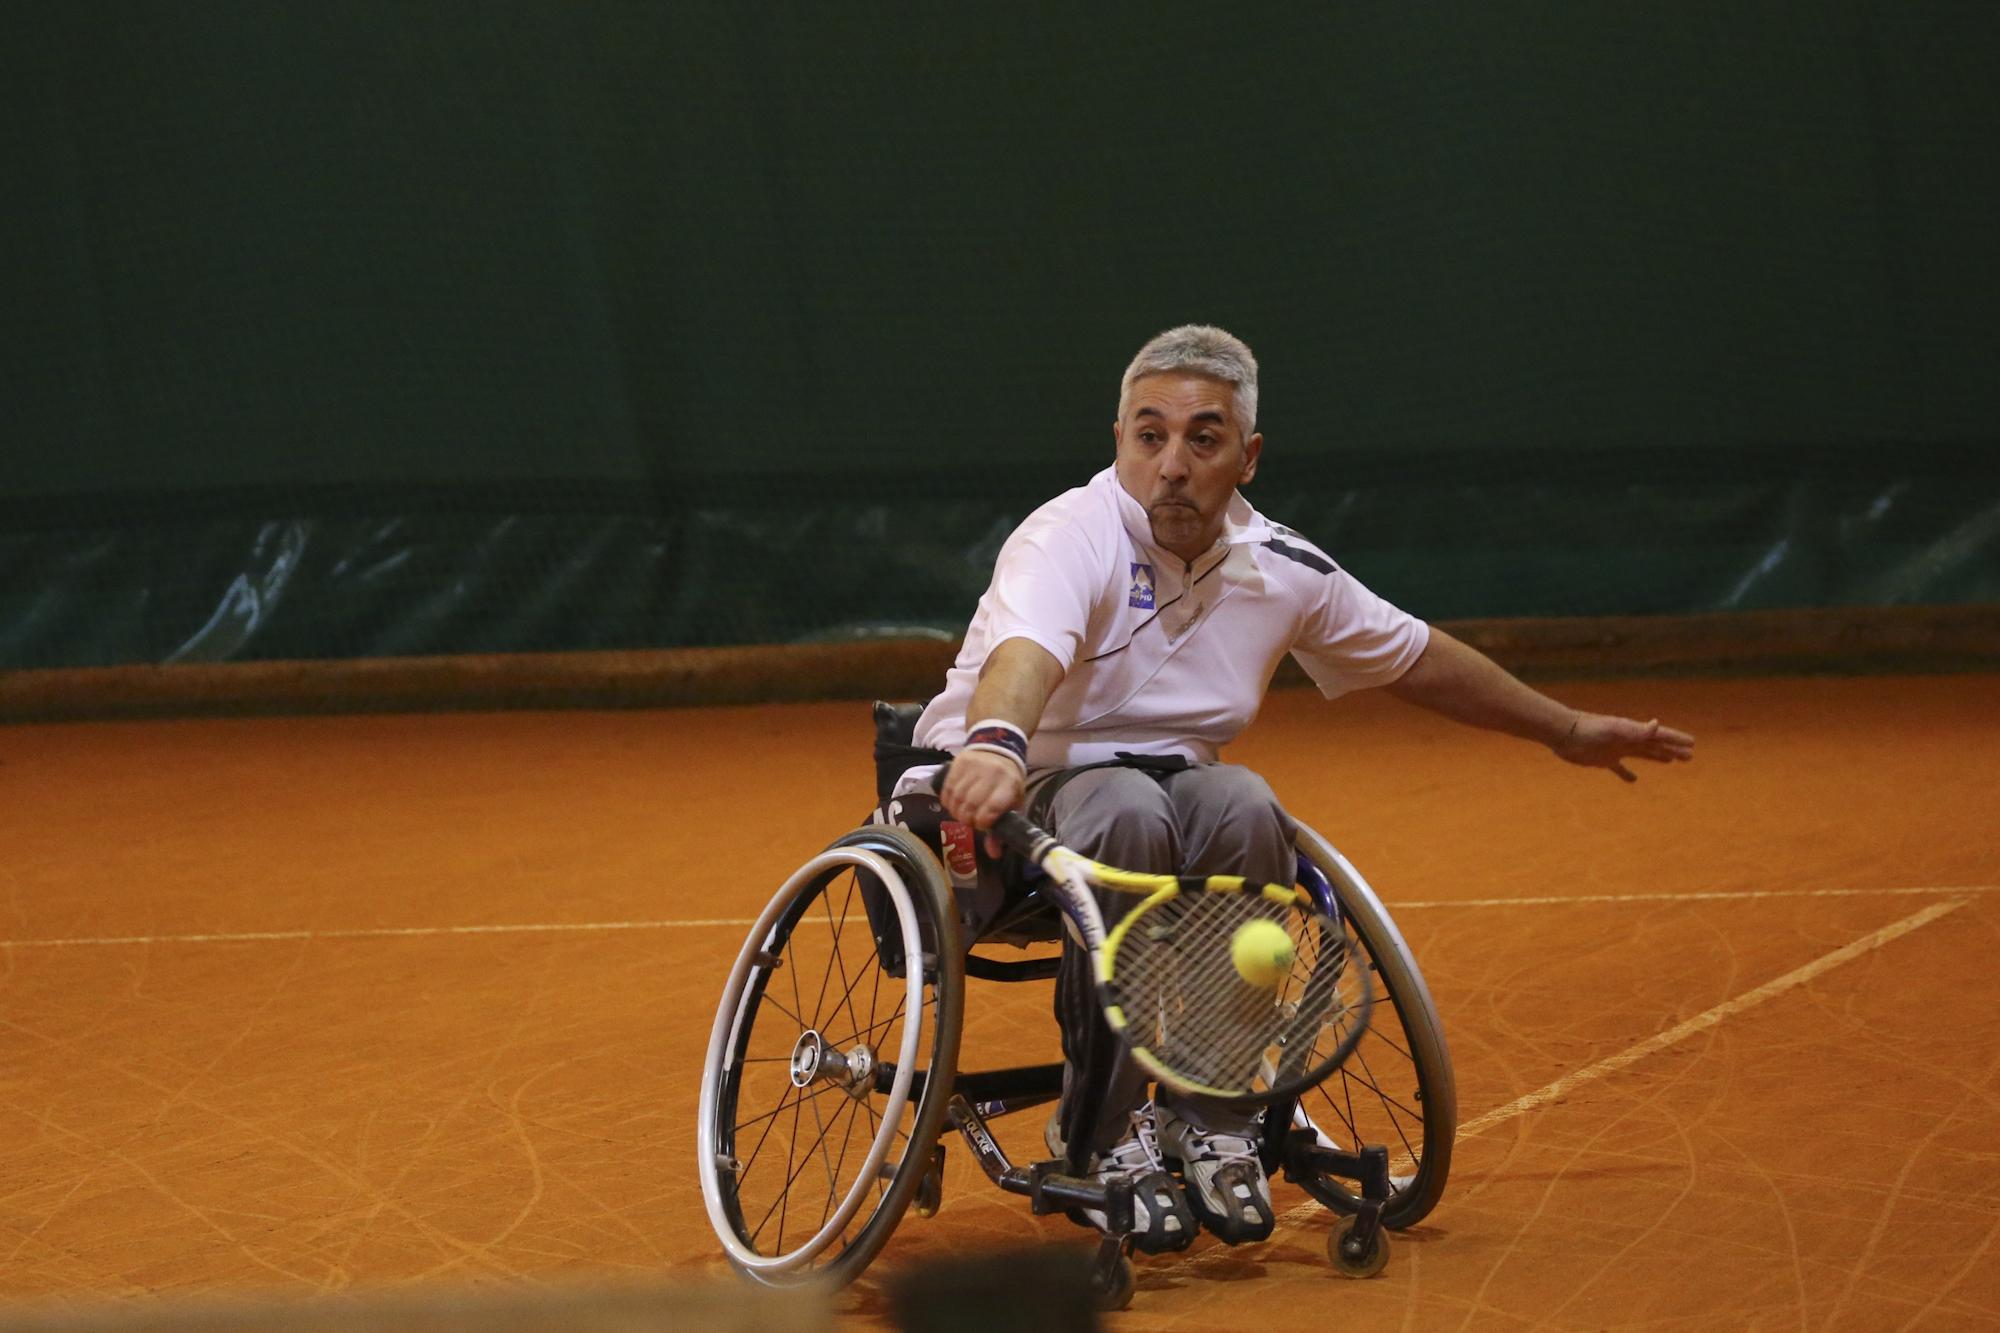 cip_tennis_2013CZ4Q0075